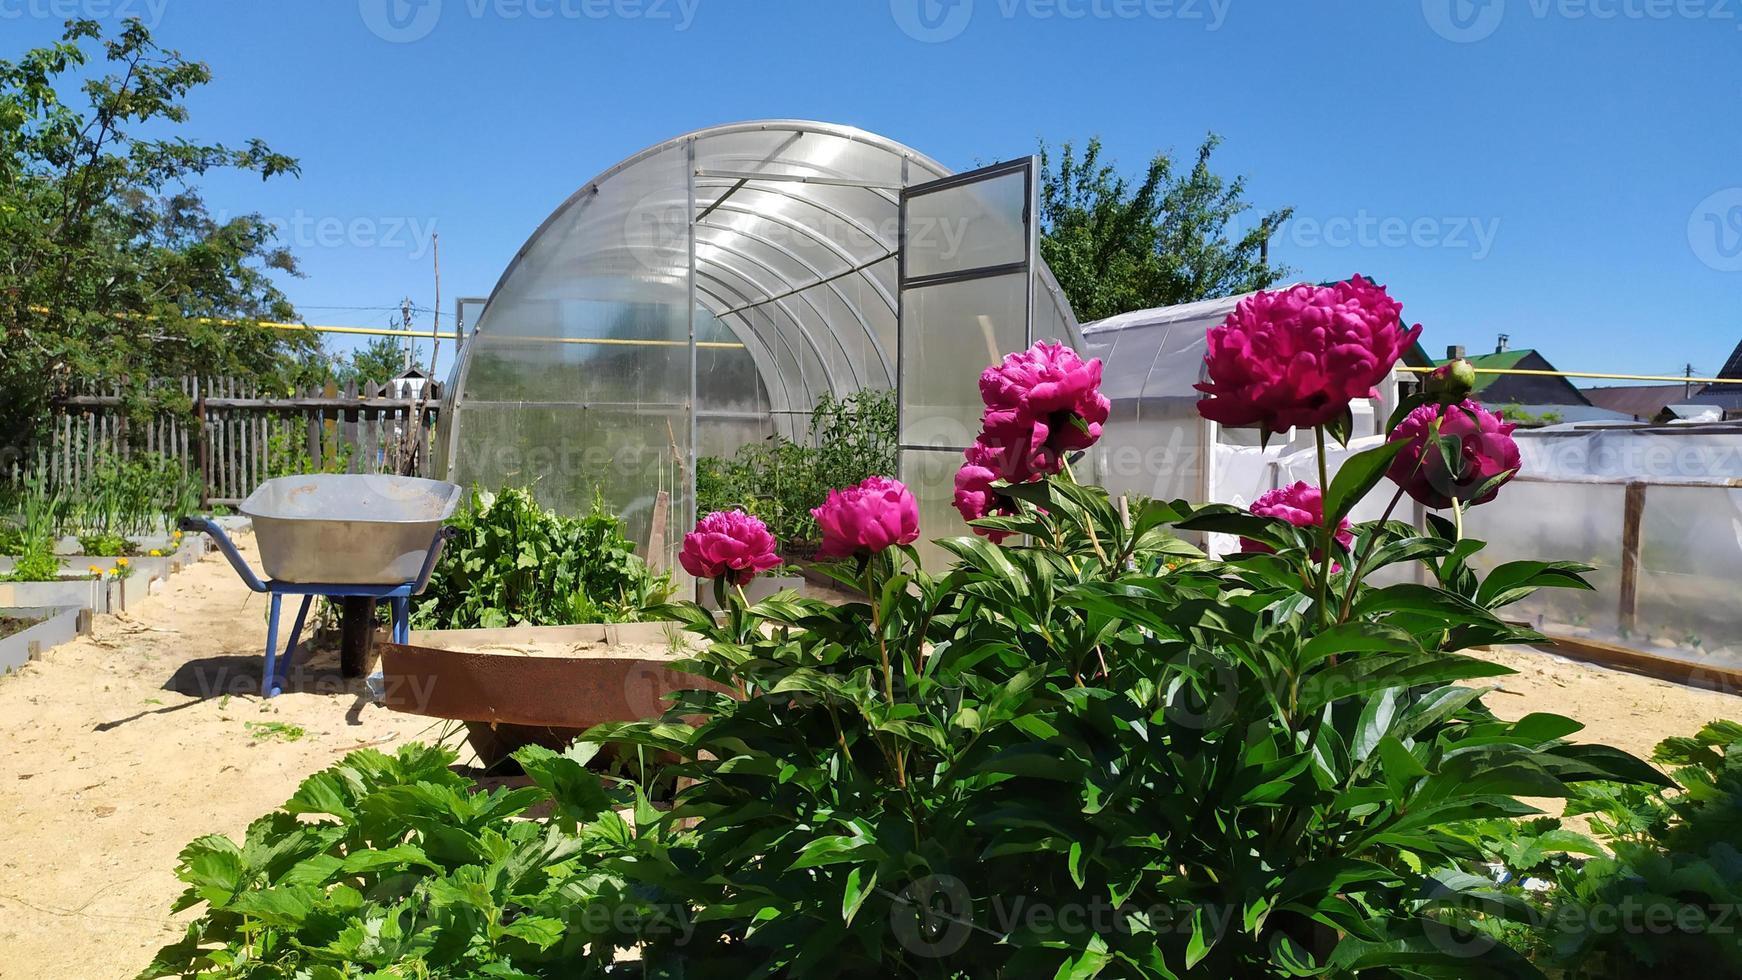 invernaderos y herramientas de jardín en su cabaña de verano. foto